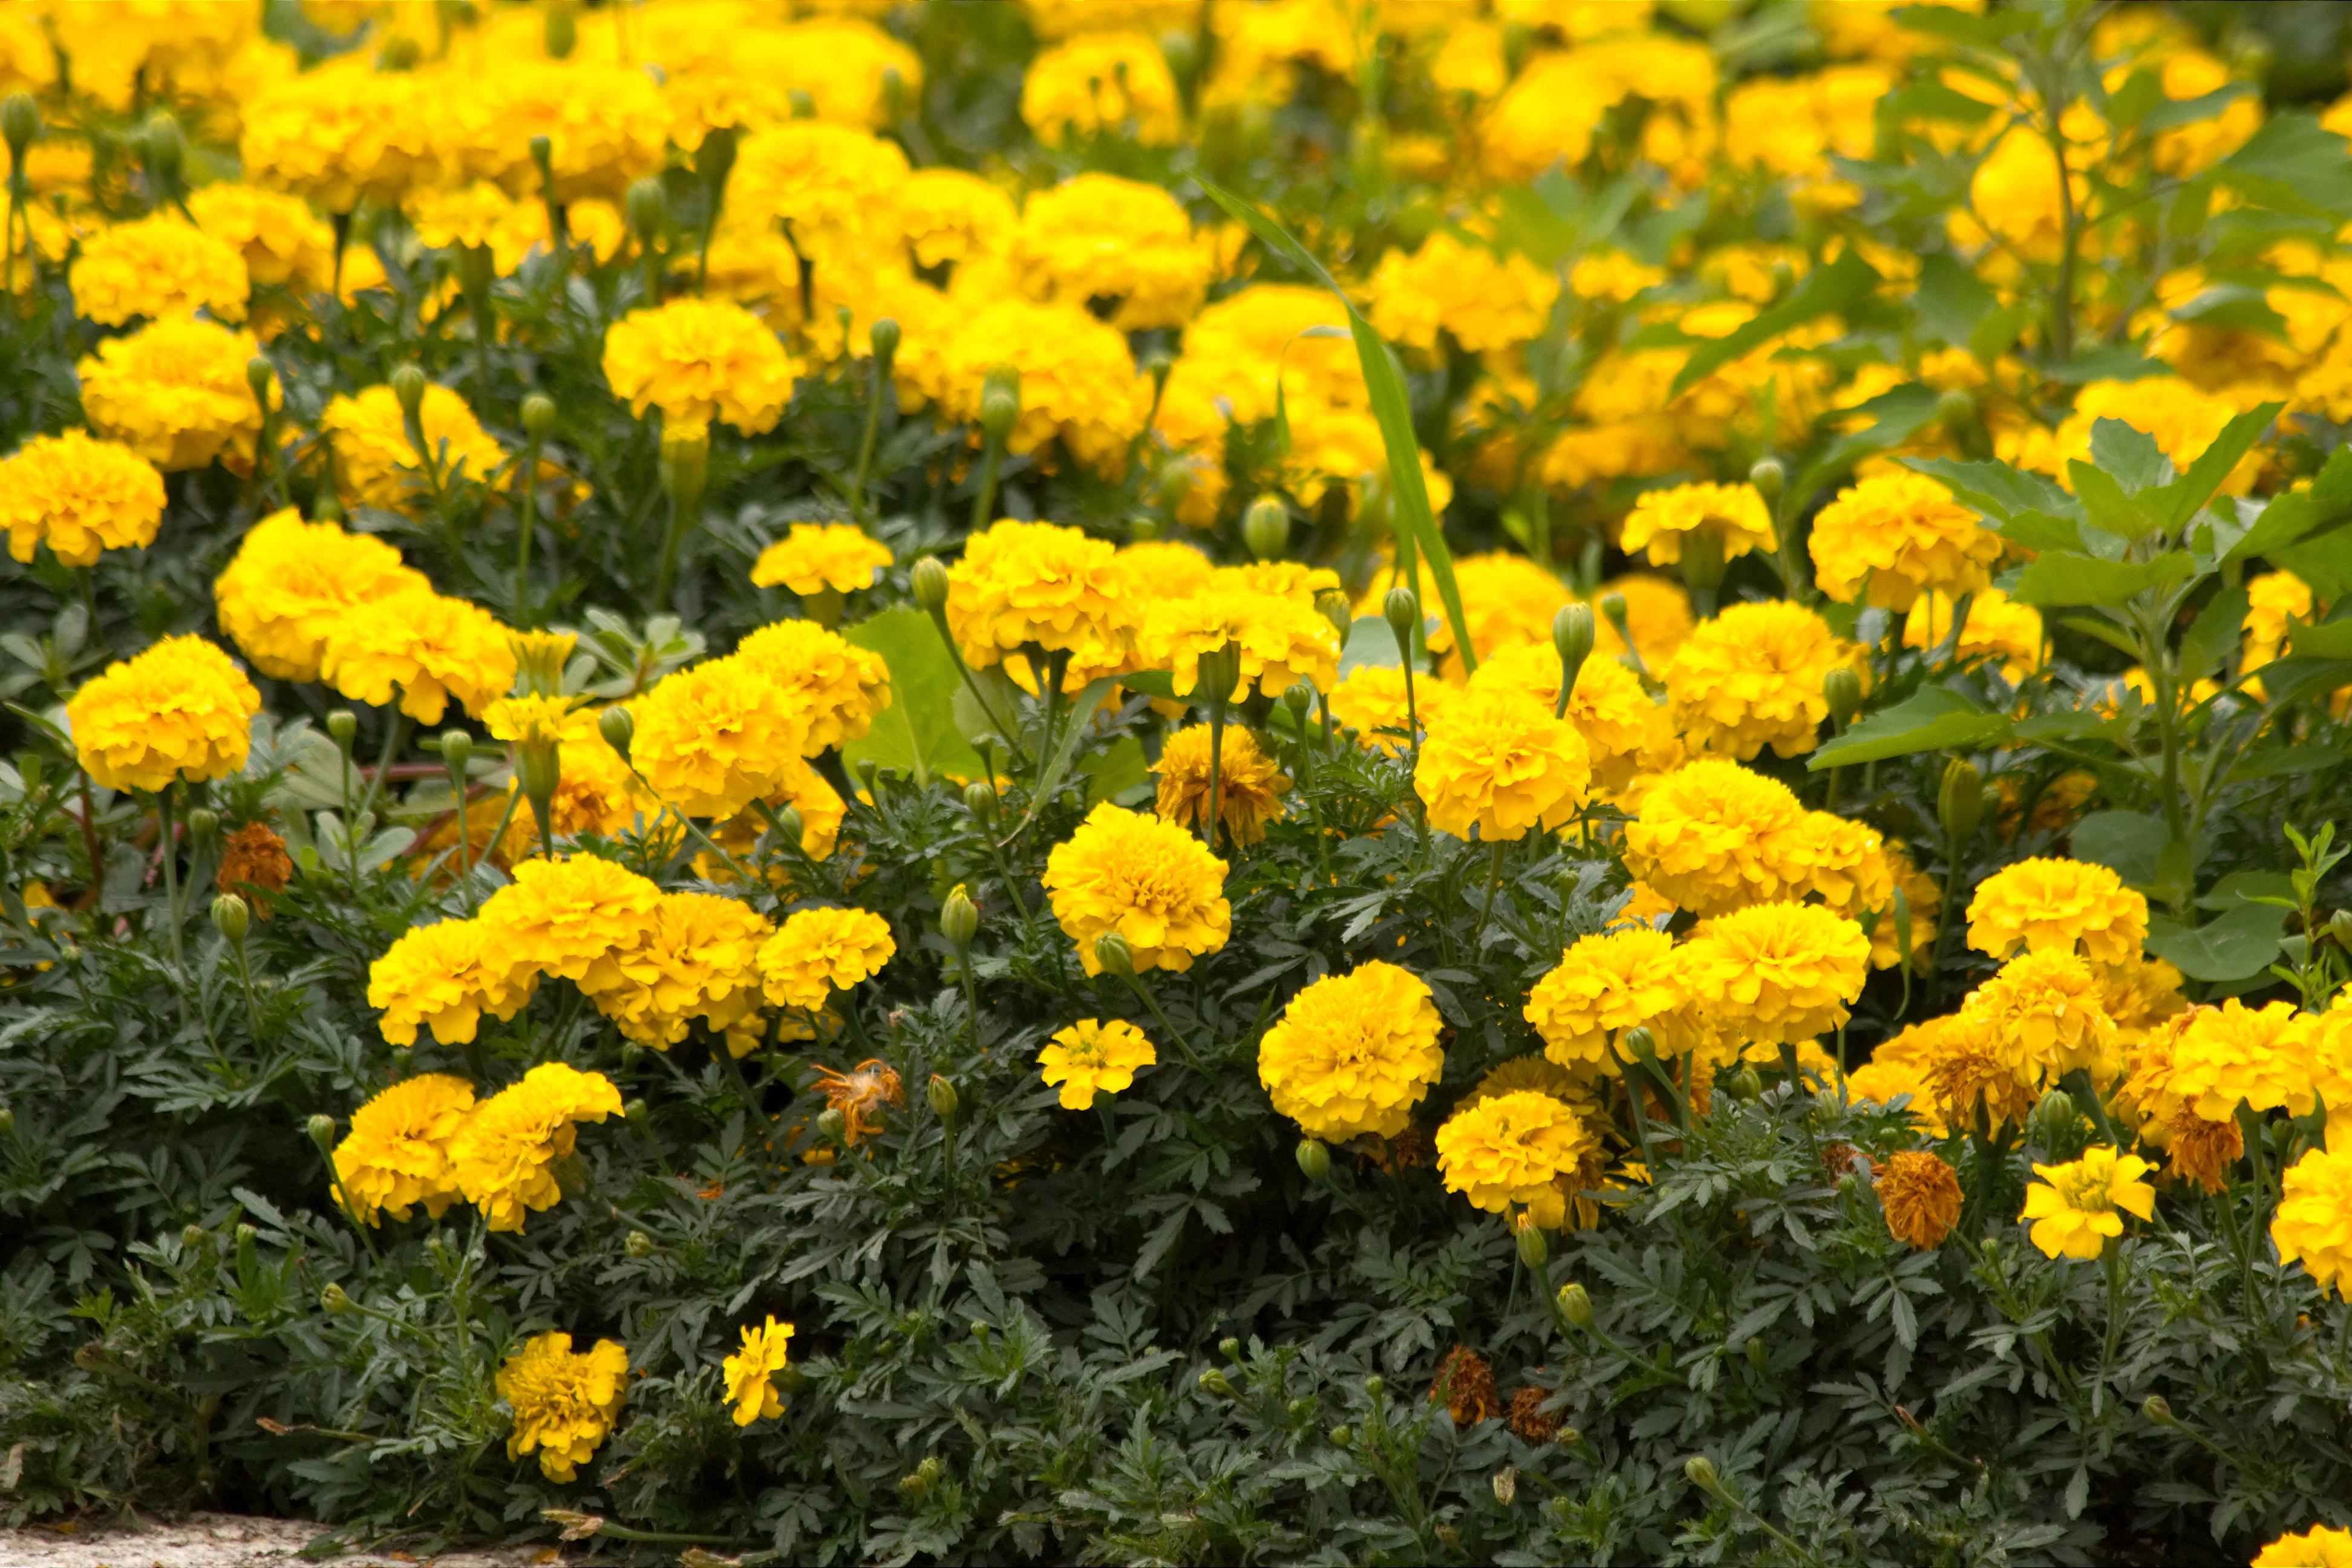 jardim rosas amarelas : jardim rosas amarelas:Flores De Agosto